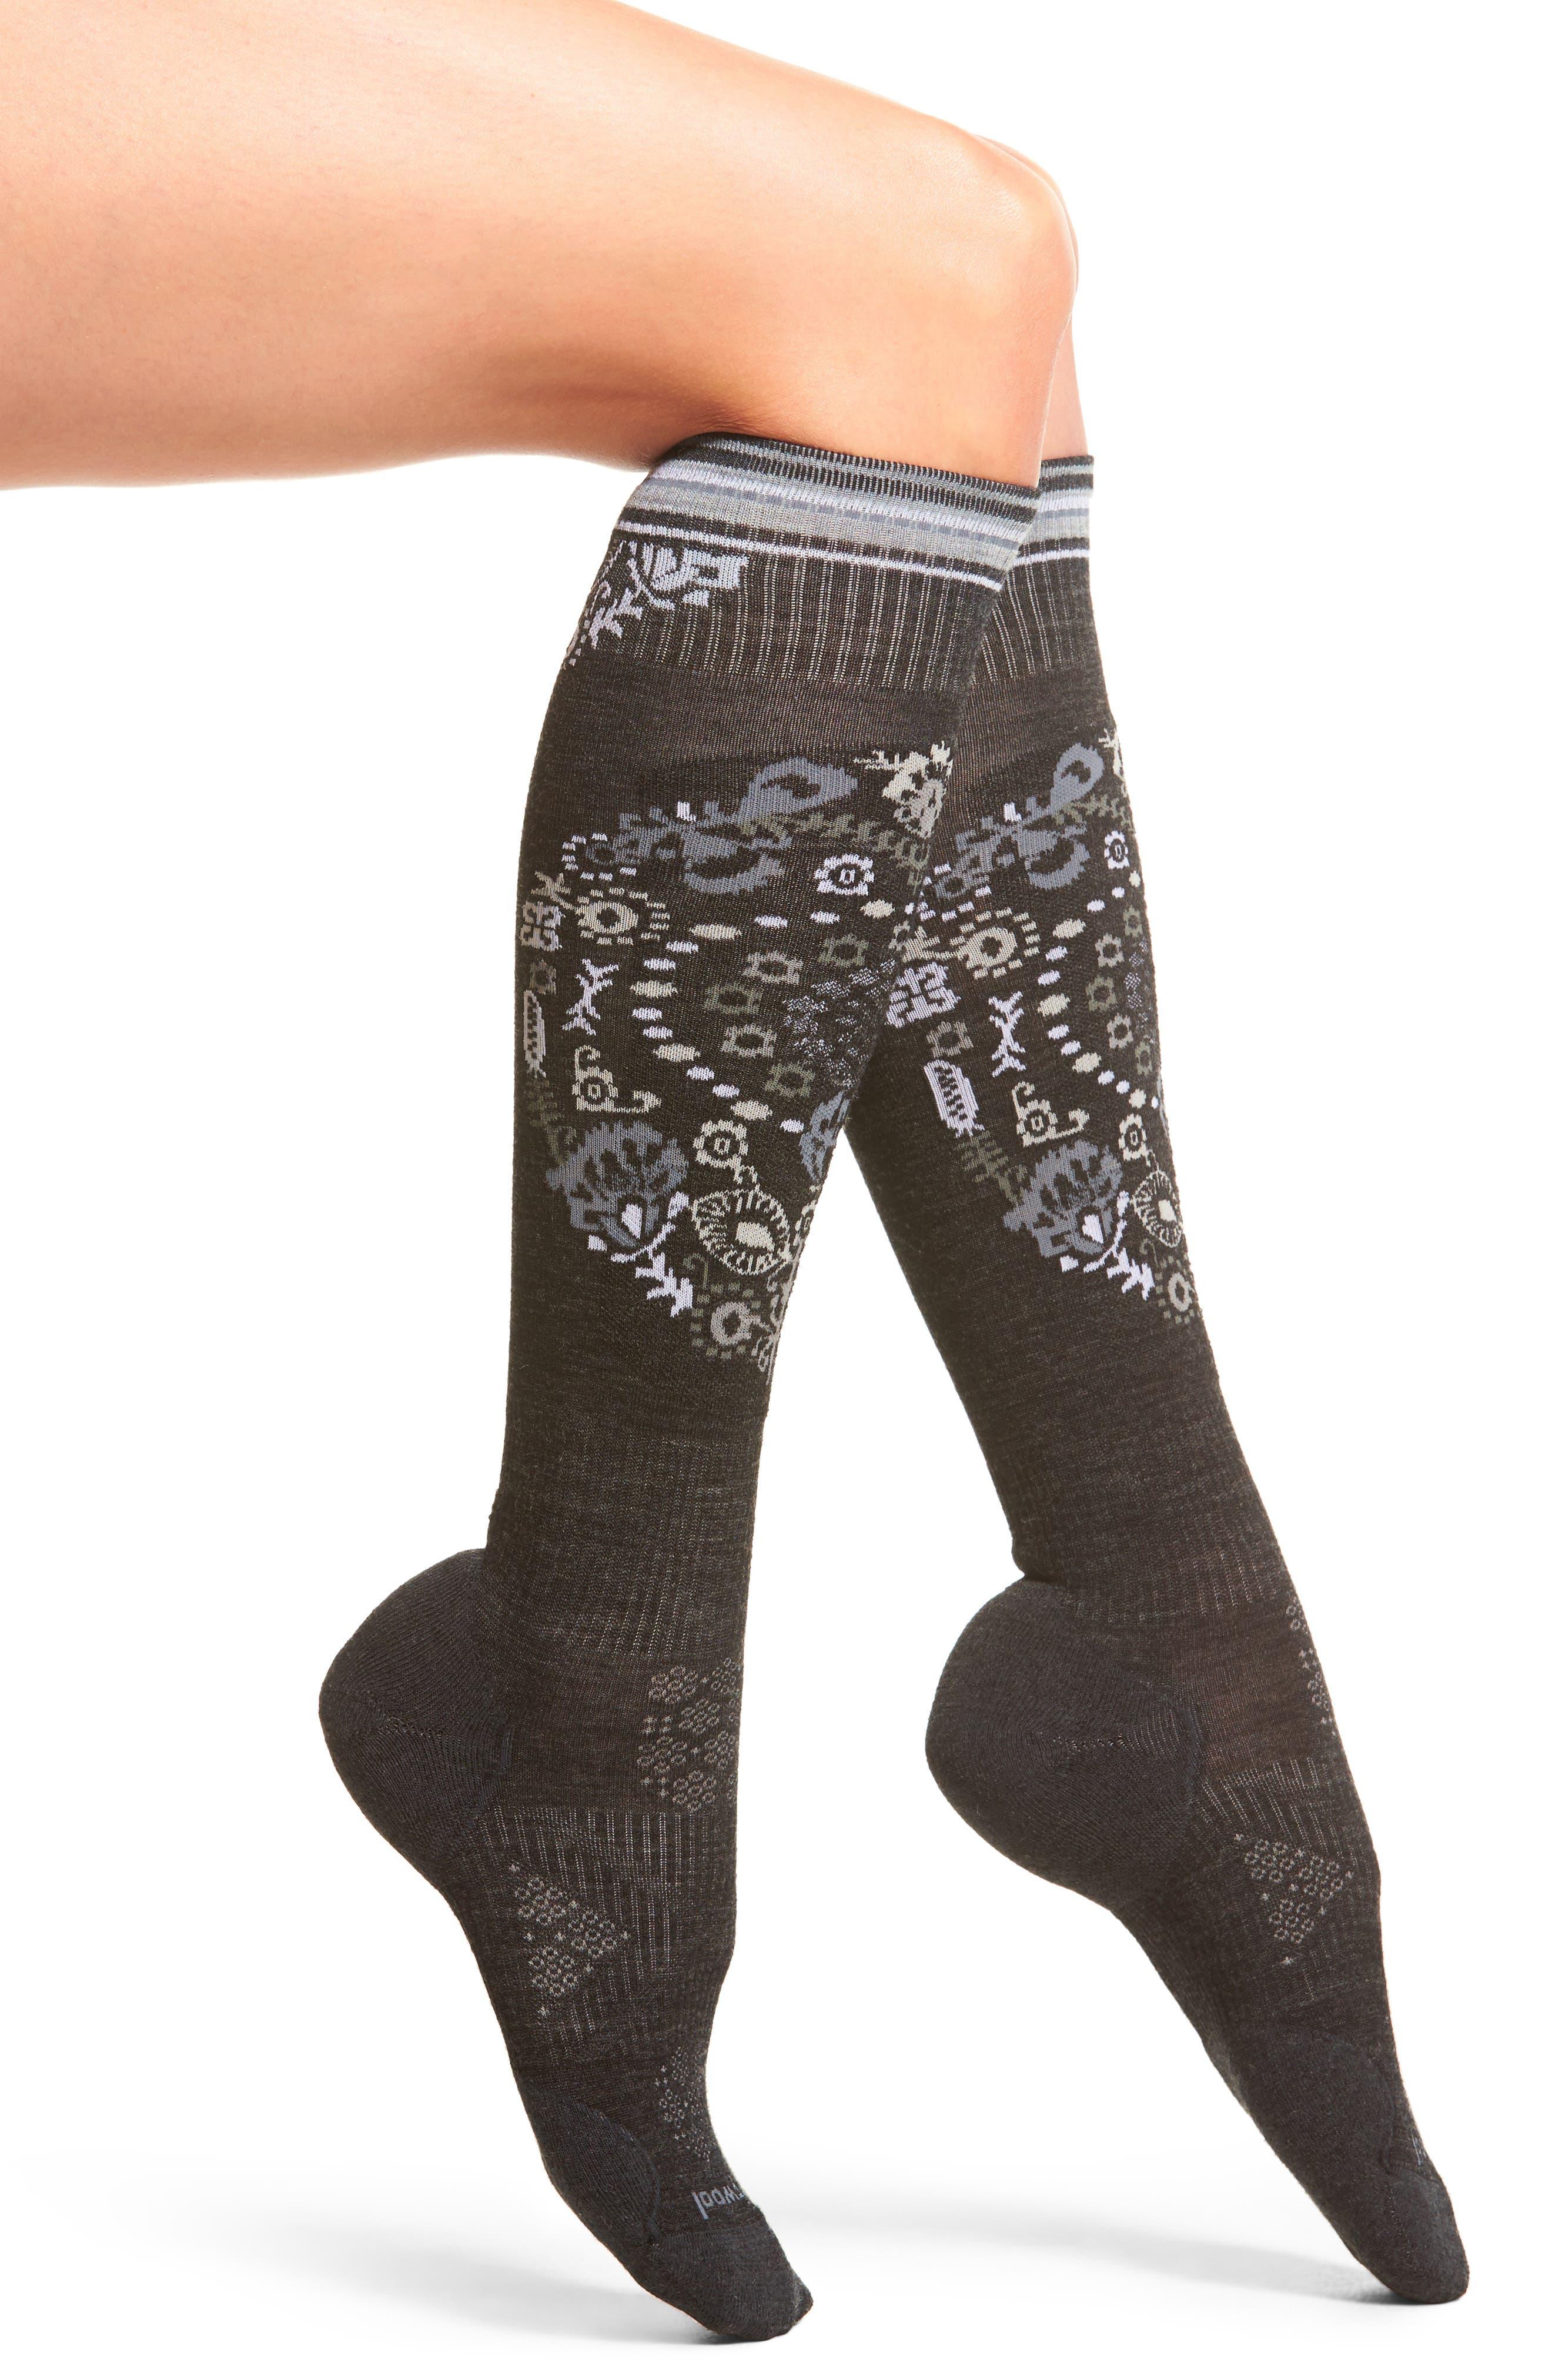 PhD<sup>®</sup> Ski Light Elite Paisley Socks,                         Main,                         color, Charcoal